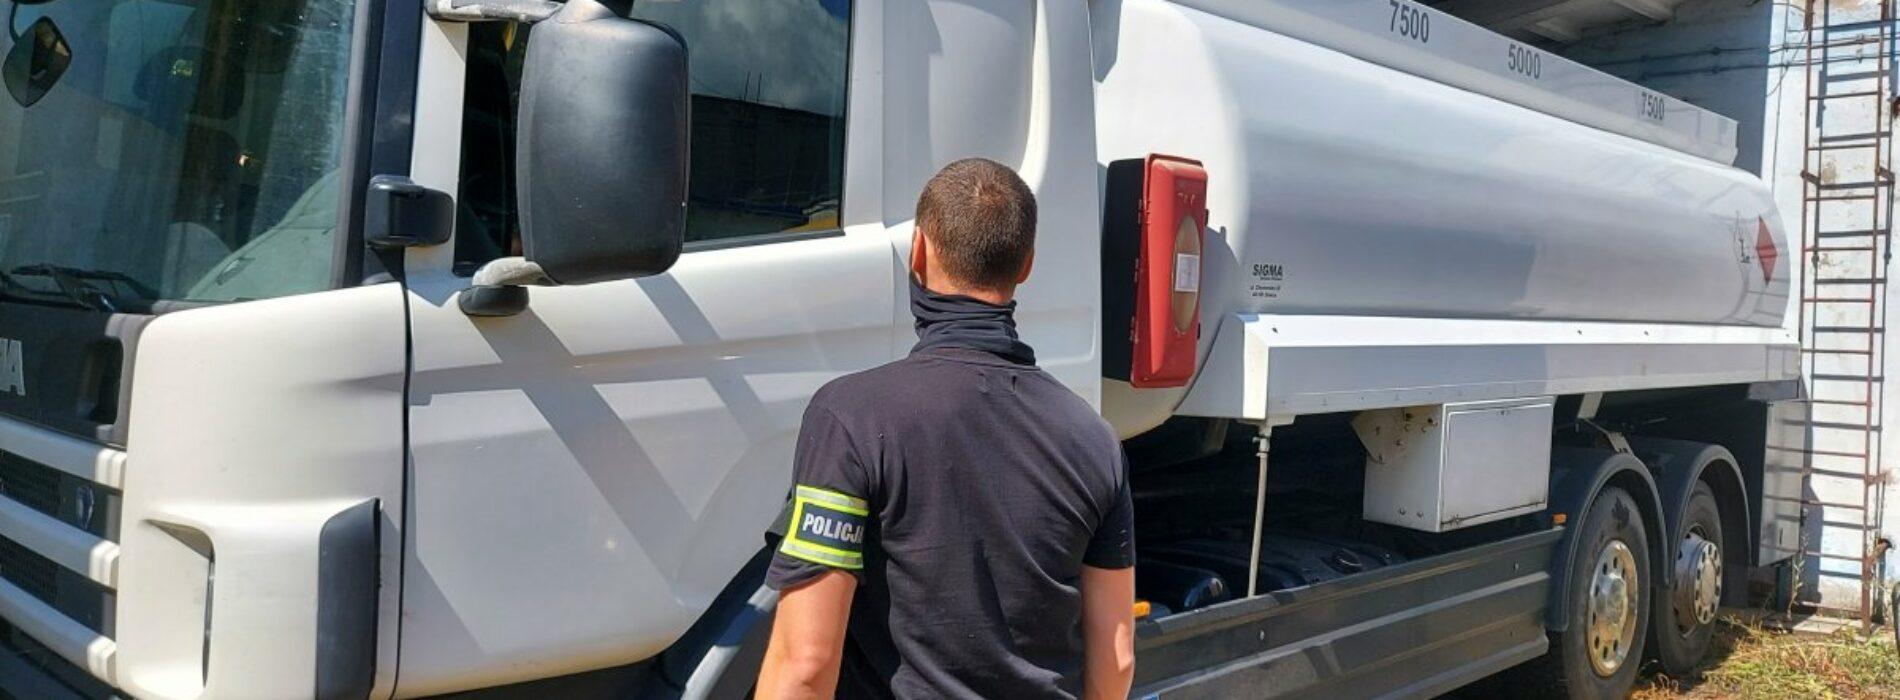 Tymczasowy areszt dla sprawców kradzieży cysterny z paliwem